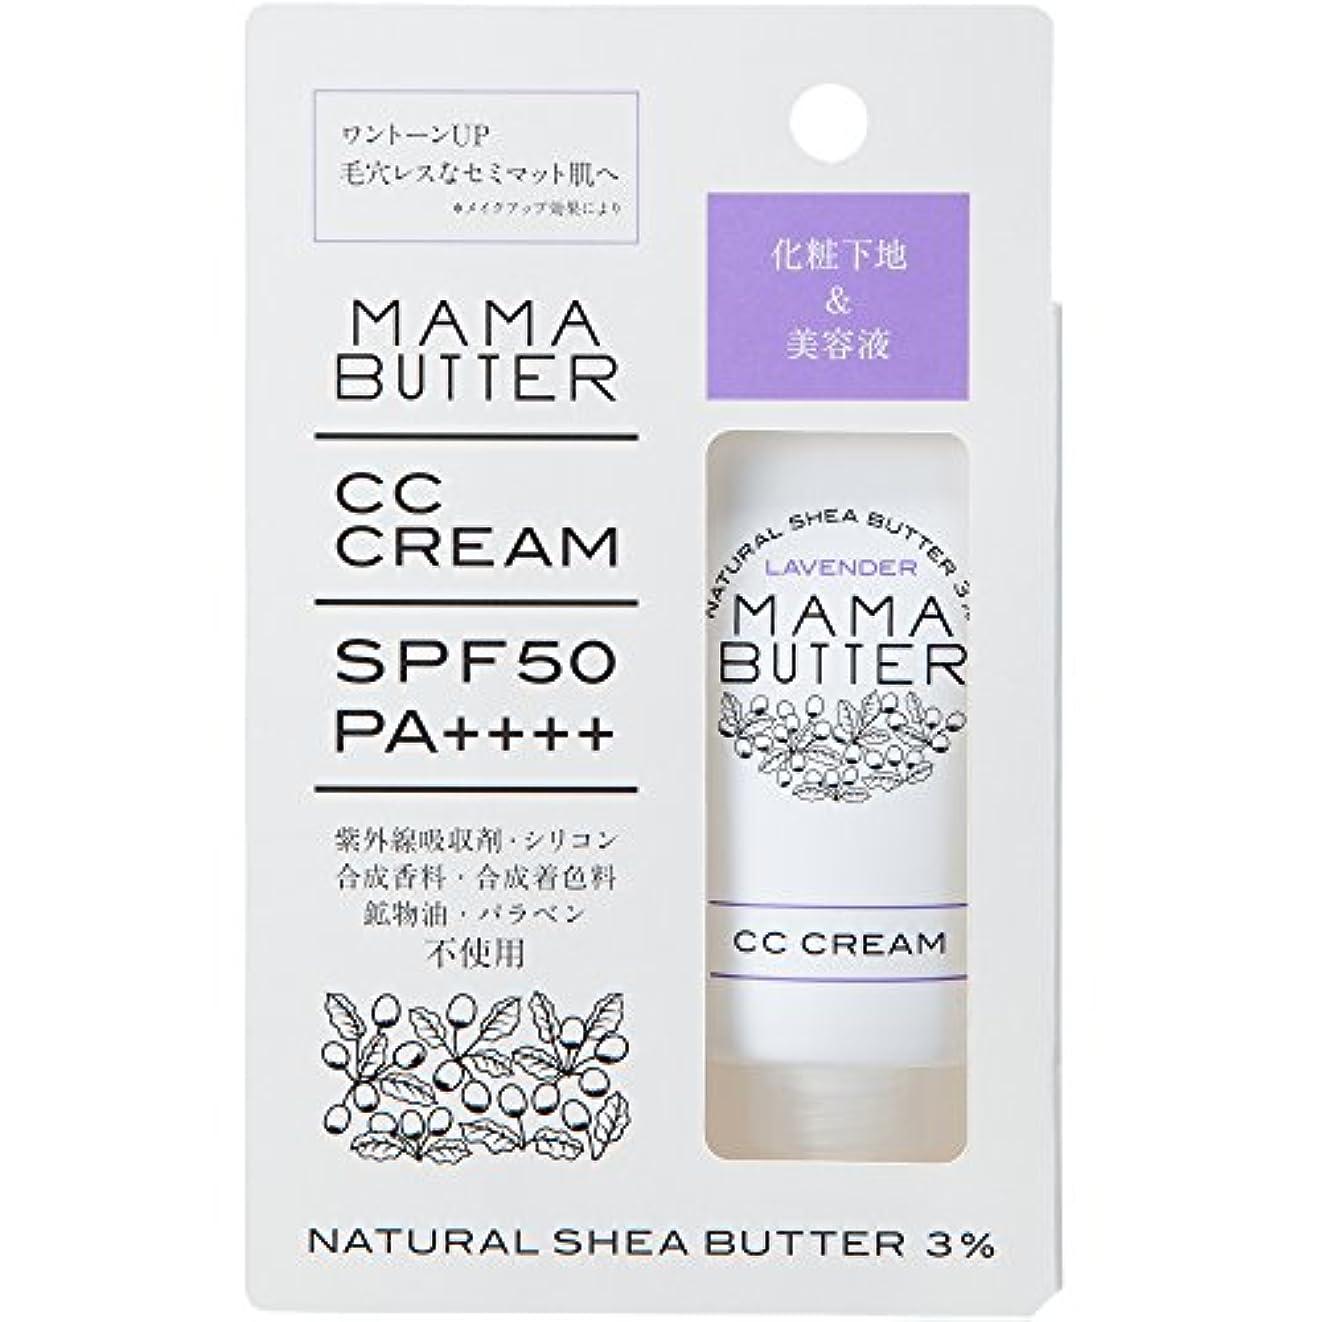 発行する汚物哀ママバター CCクリーム ラベンダー(SPF50?PA++++)30g